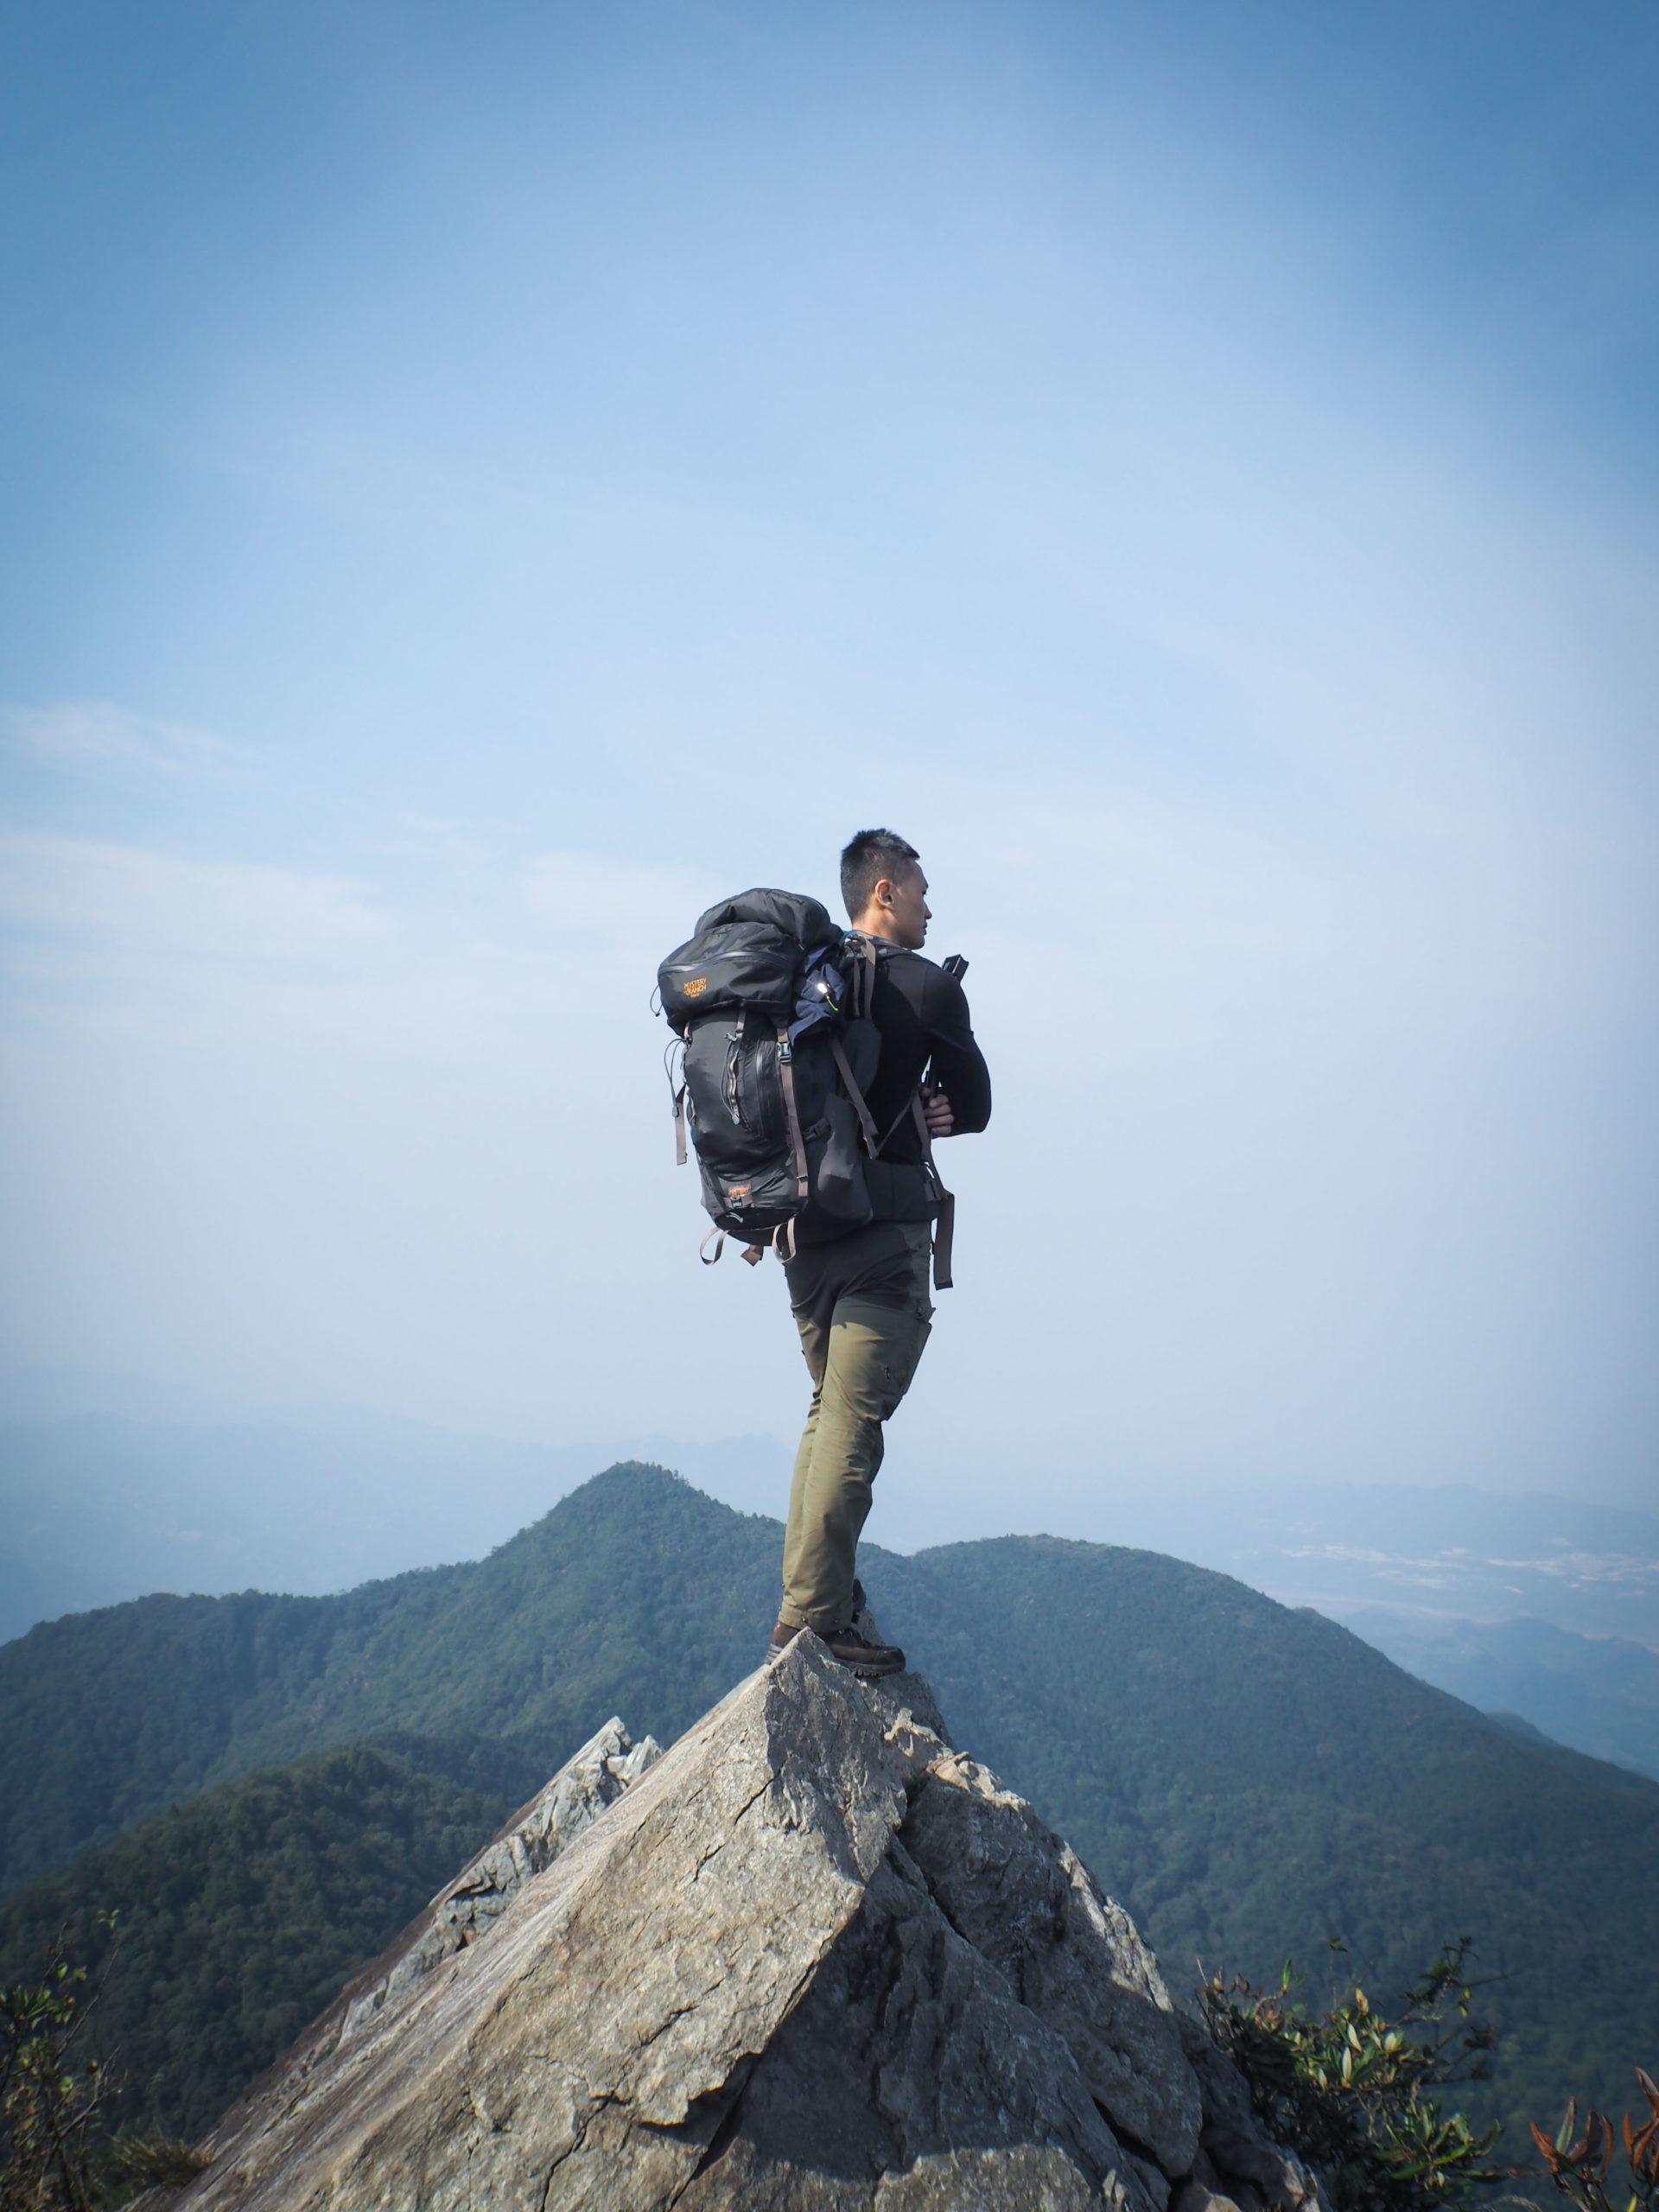 台中|攀越岩稜陡壁才能抵達的IG打卡秘境-鳶嘴山